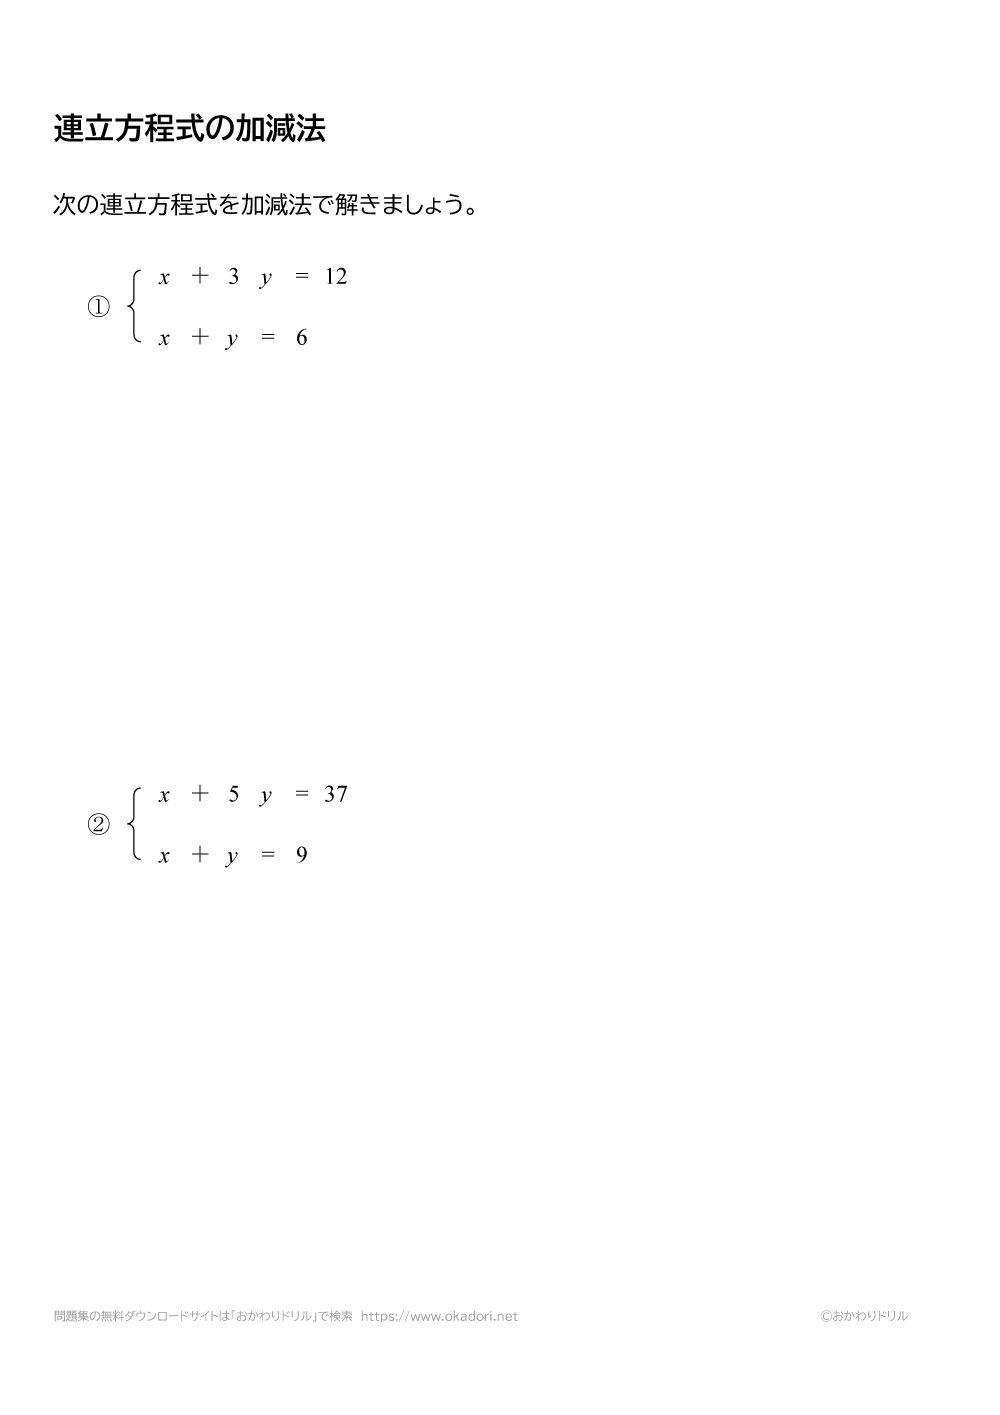 連立方程式を加減法で解くの問題と答え4